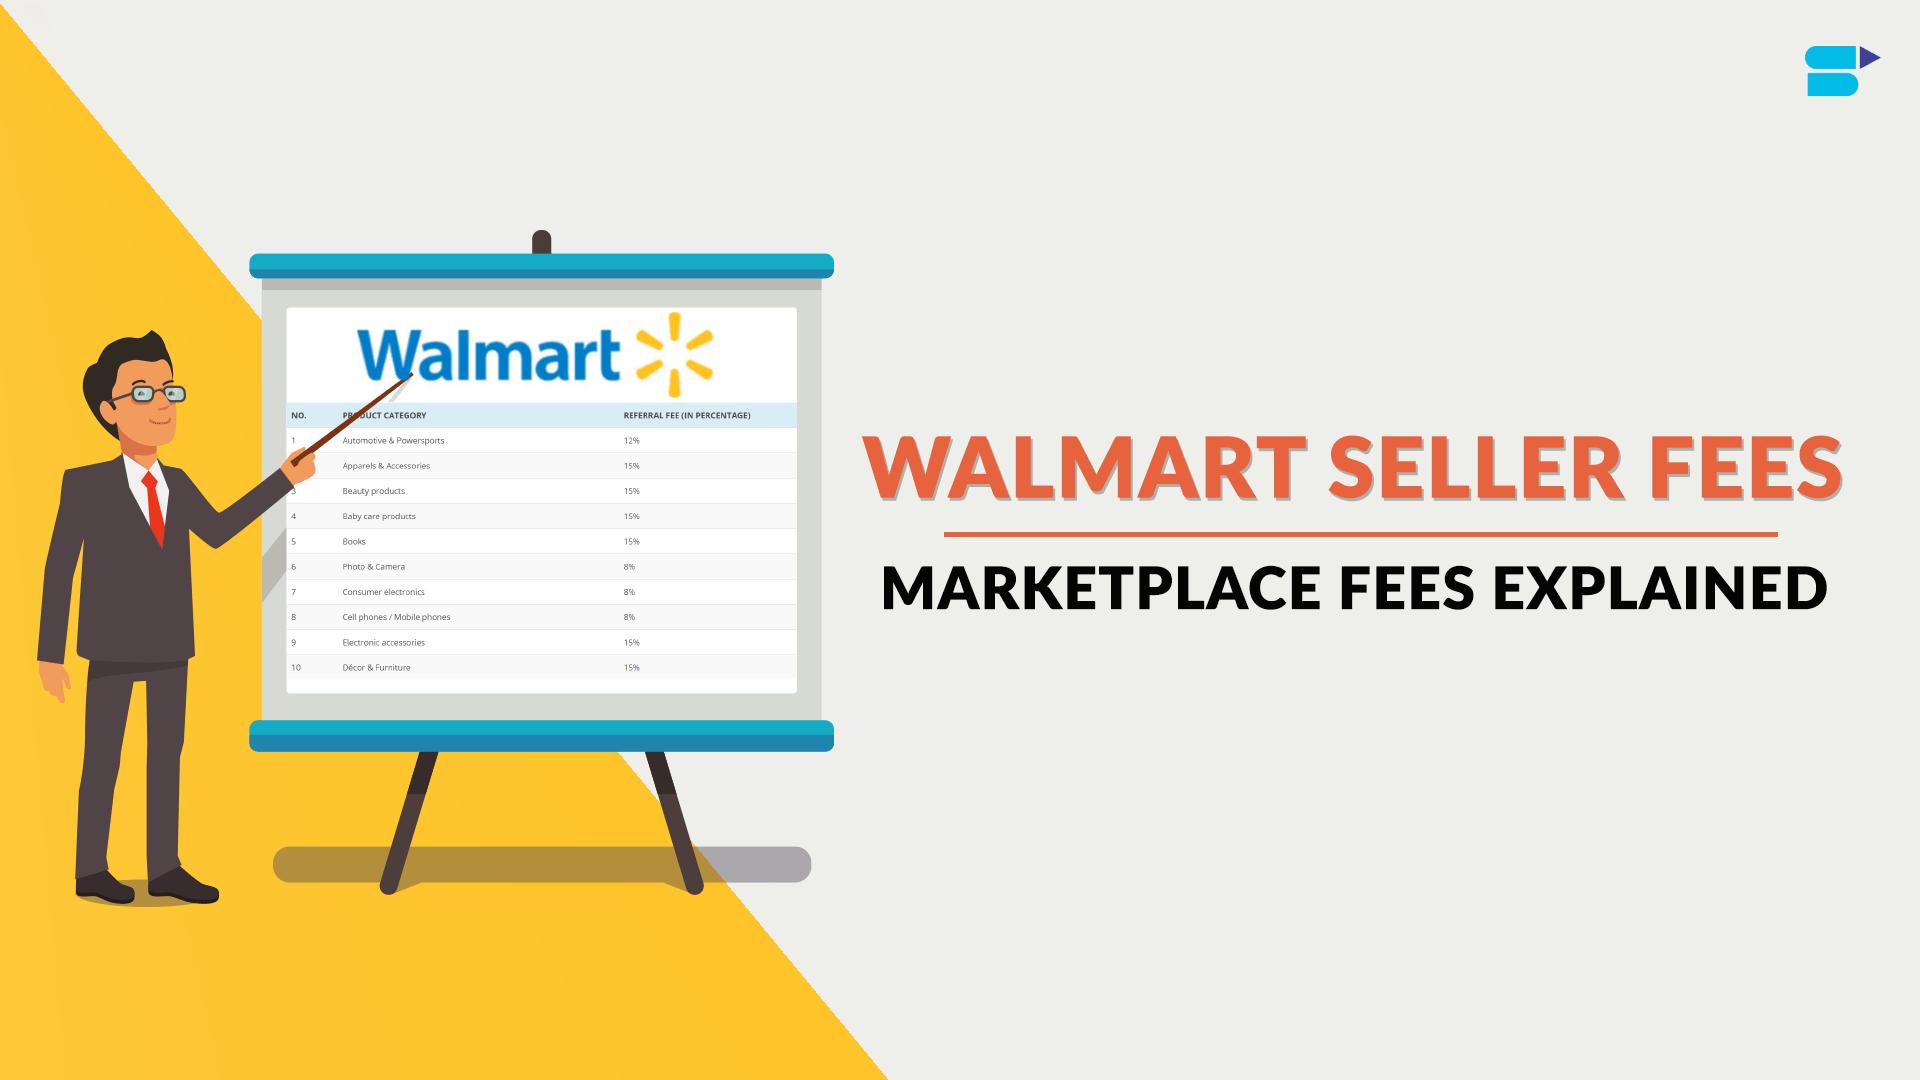 Walmart Seller Fees Marketplace Fees